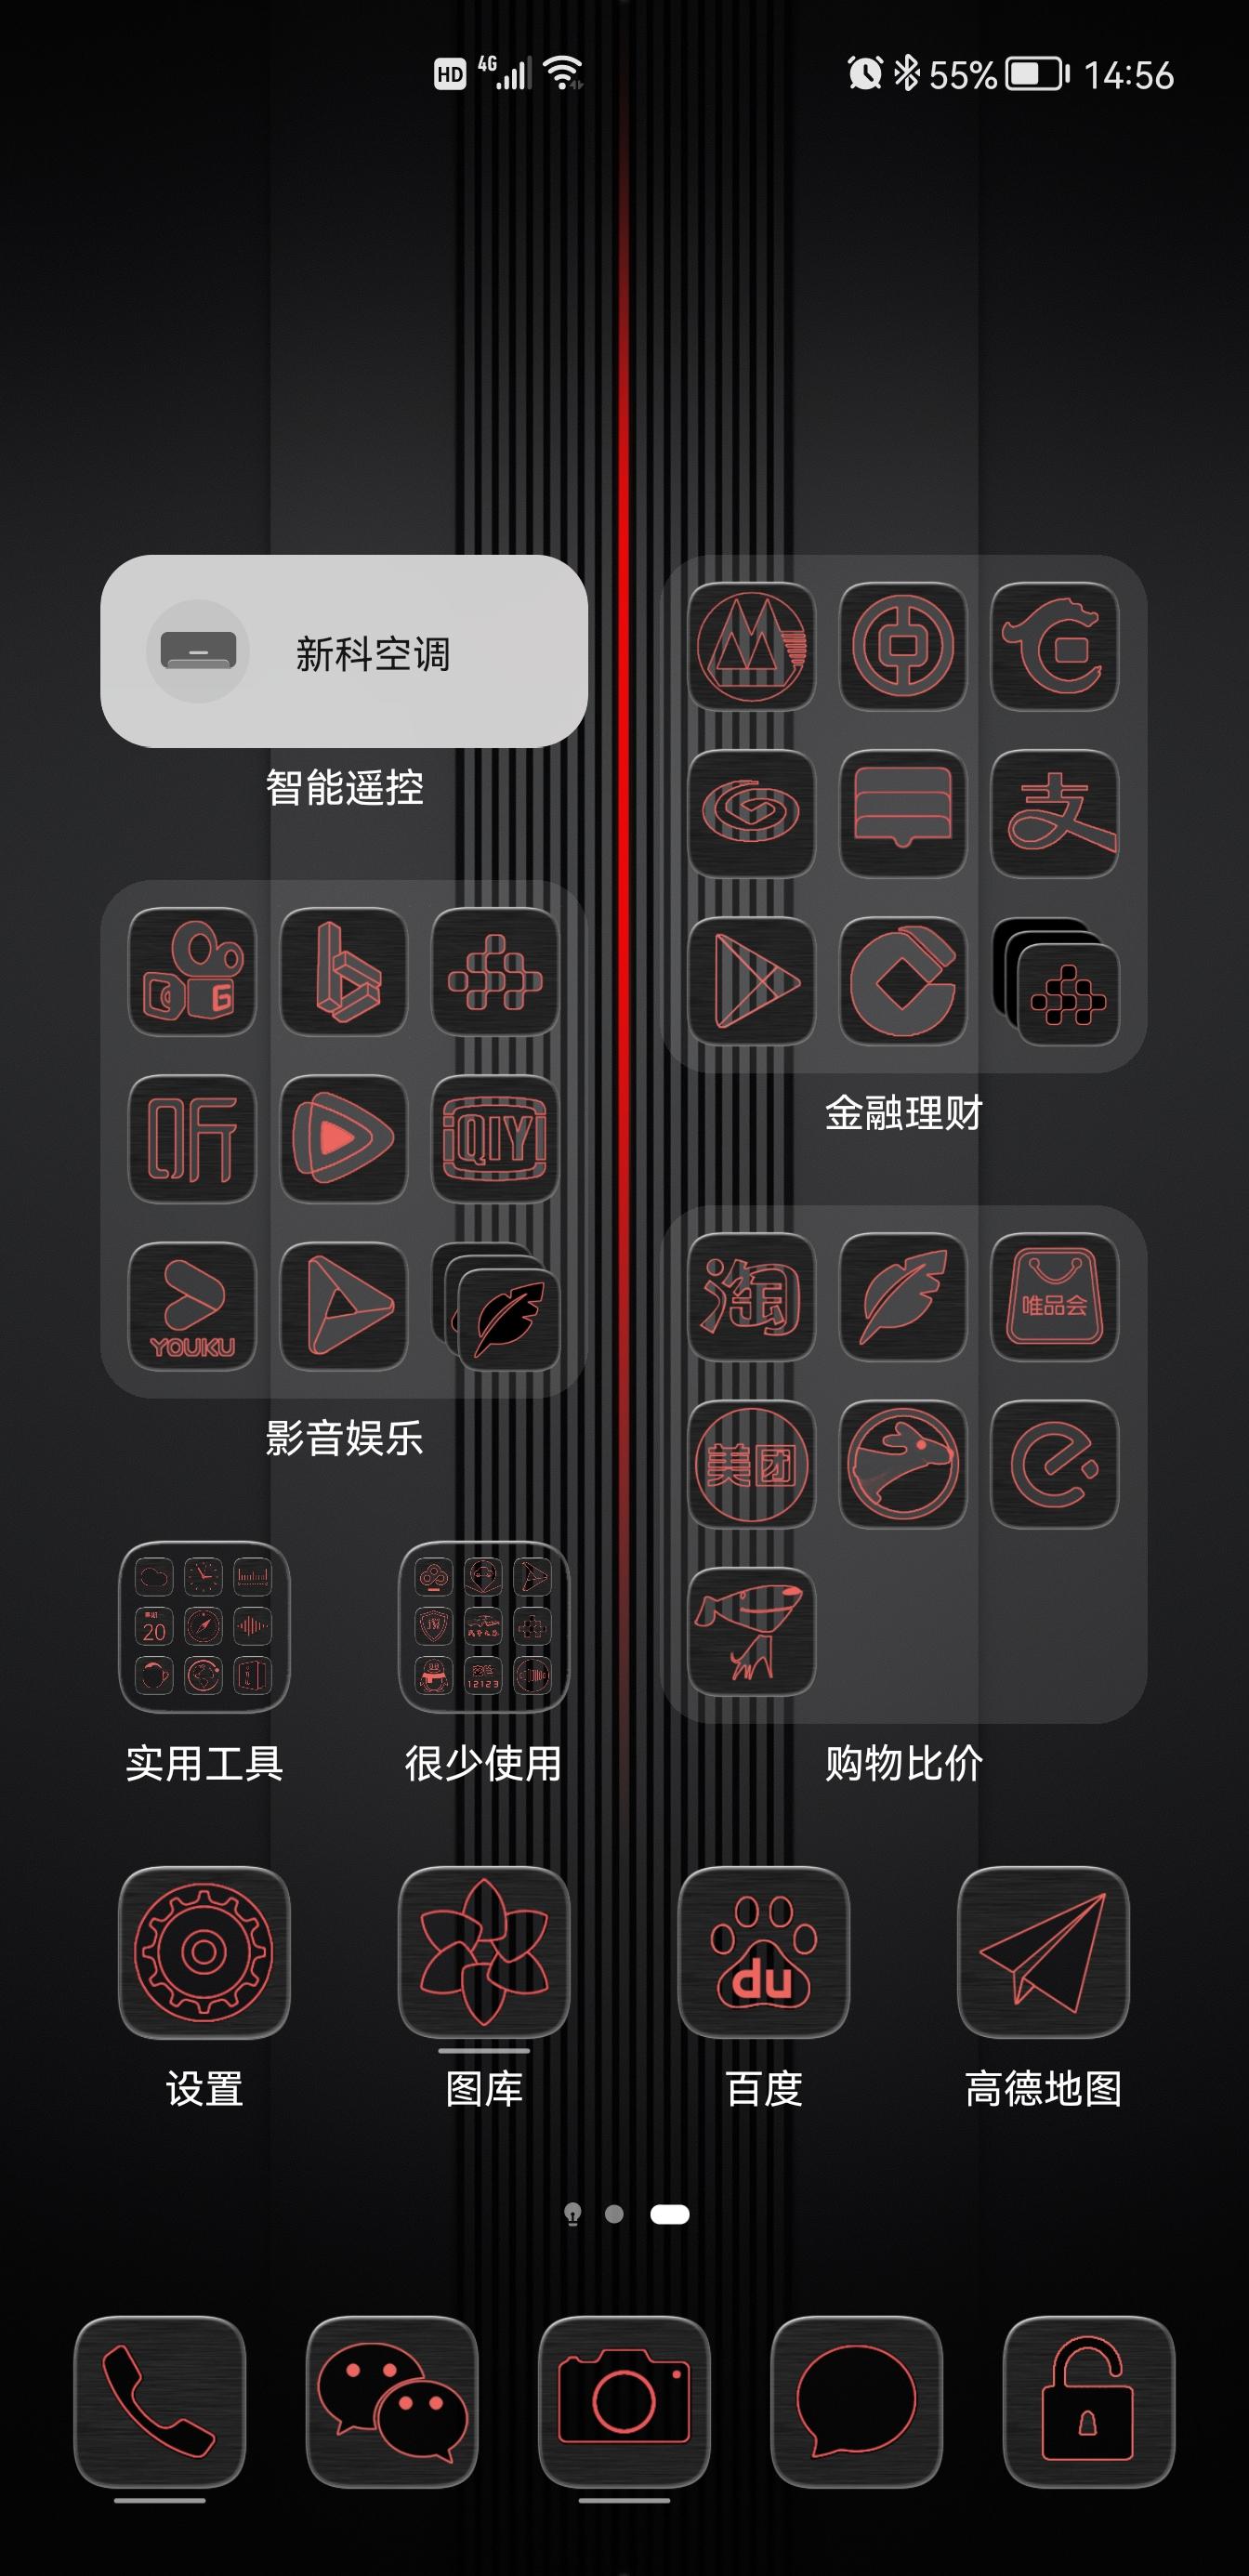 Screenshot_20210920_145652_com.huawei.android.launcher.jpg